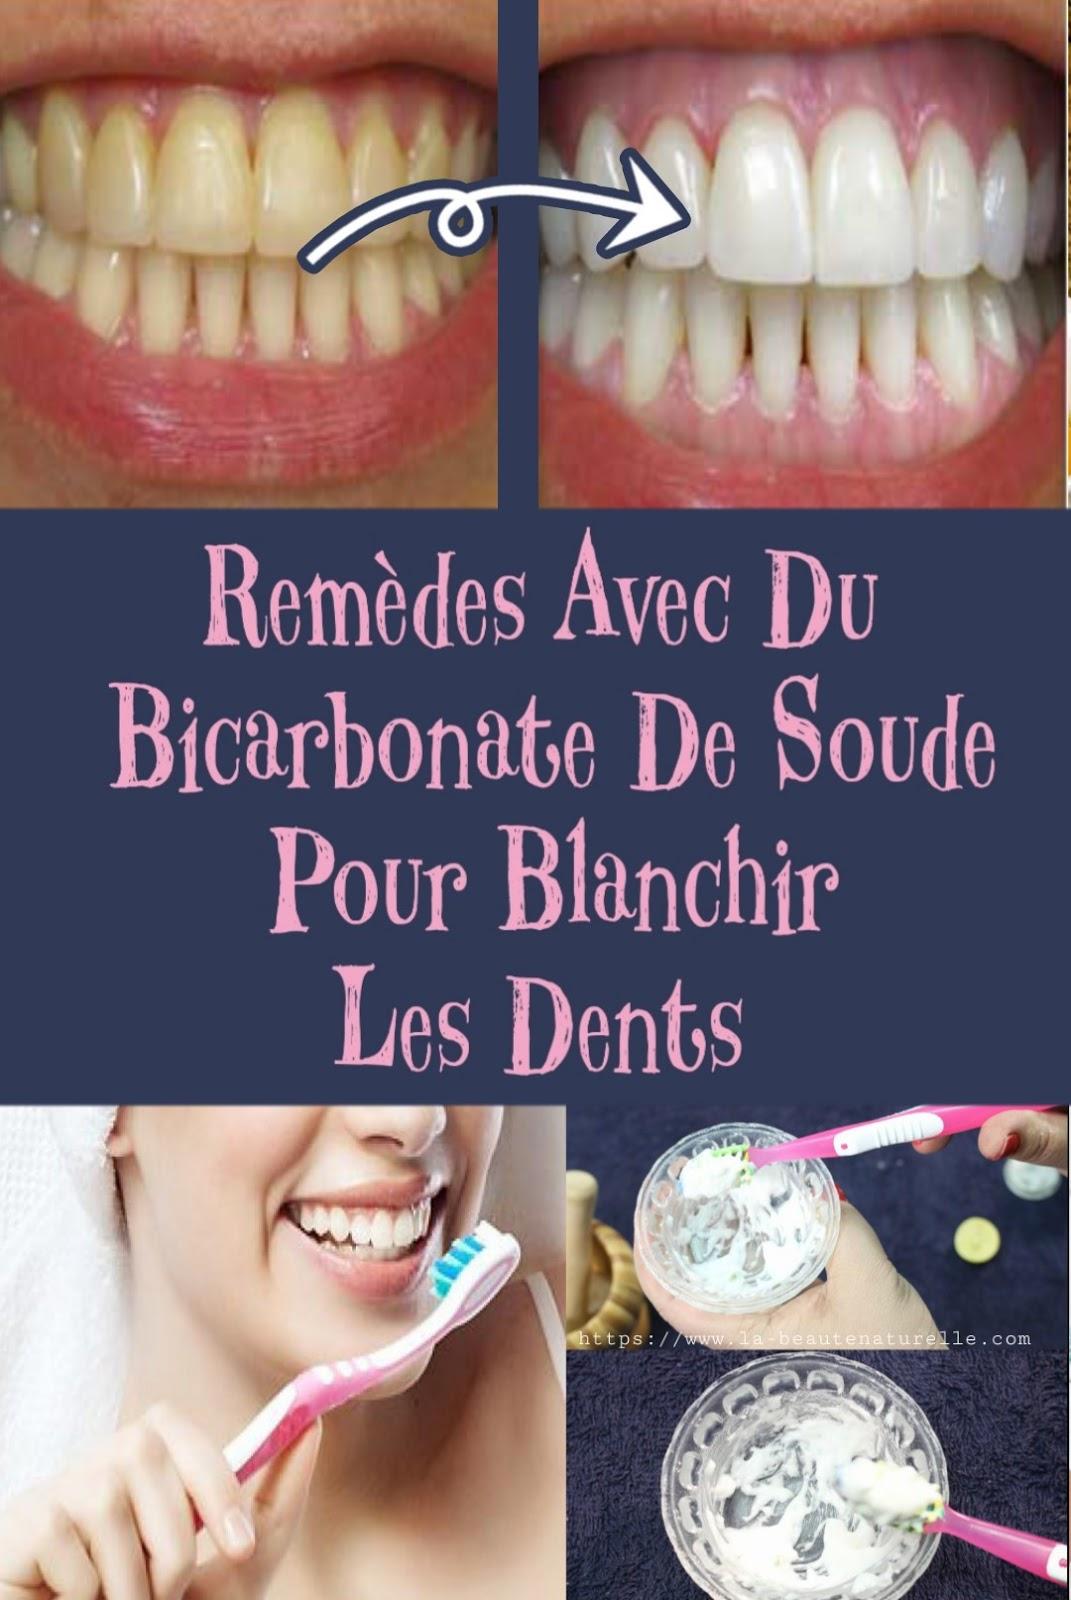 Remèdes Avec Du Bicarbonate De Soude Pour Blanchir Les Dents